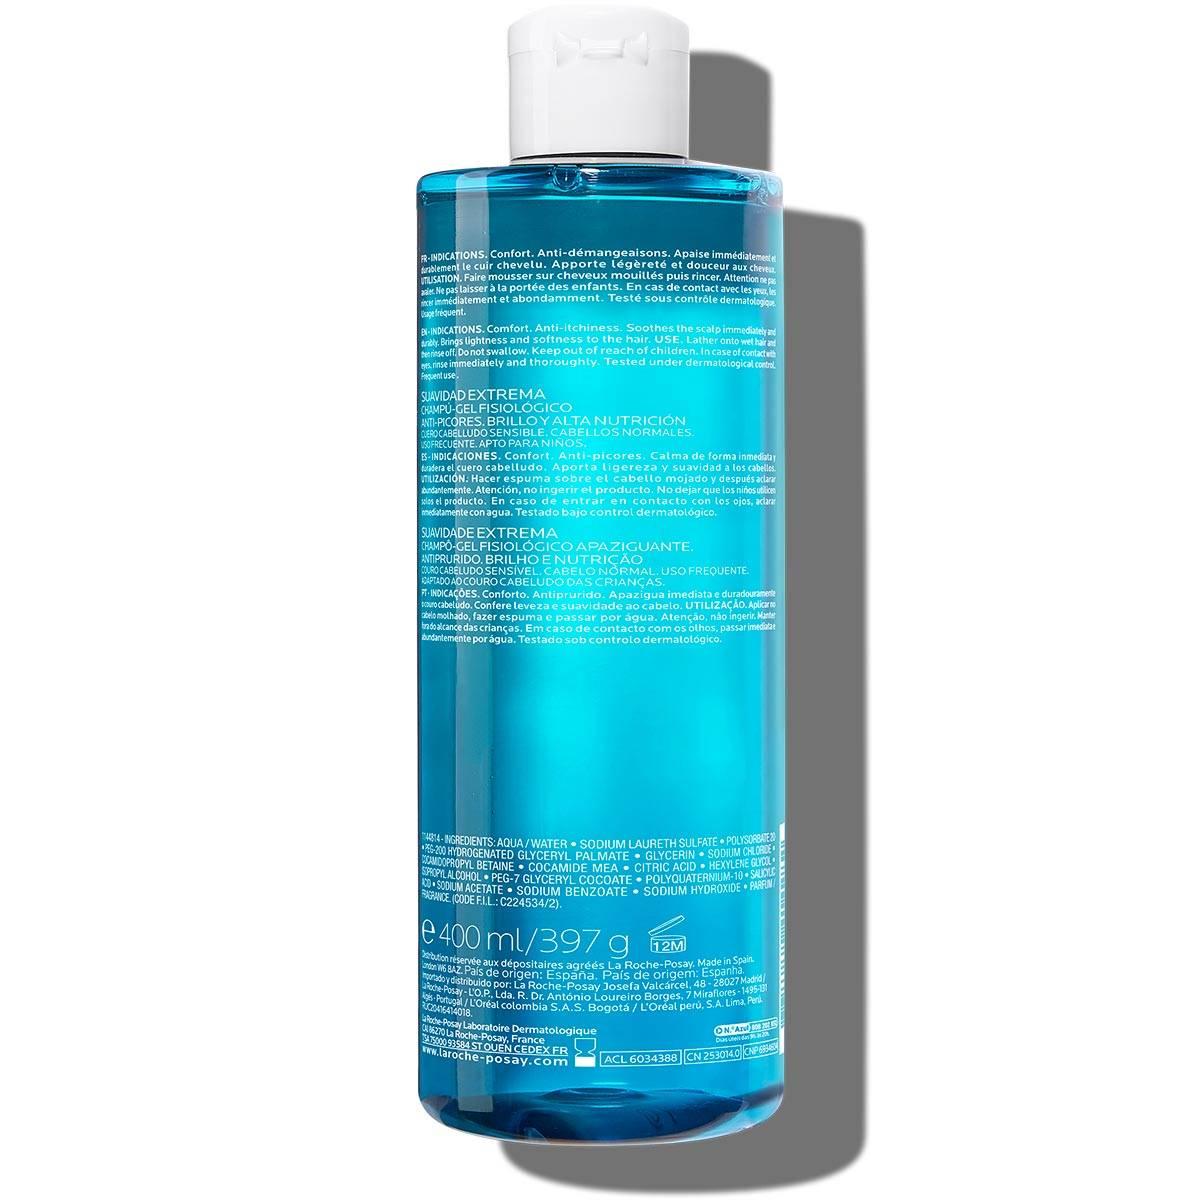 Szampon oczyszczający skórę głowy DELIKATNY SZAMPON OCZYSZCZAJĄCY 400 ml Tył | La Roche Posay